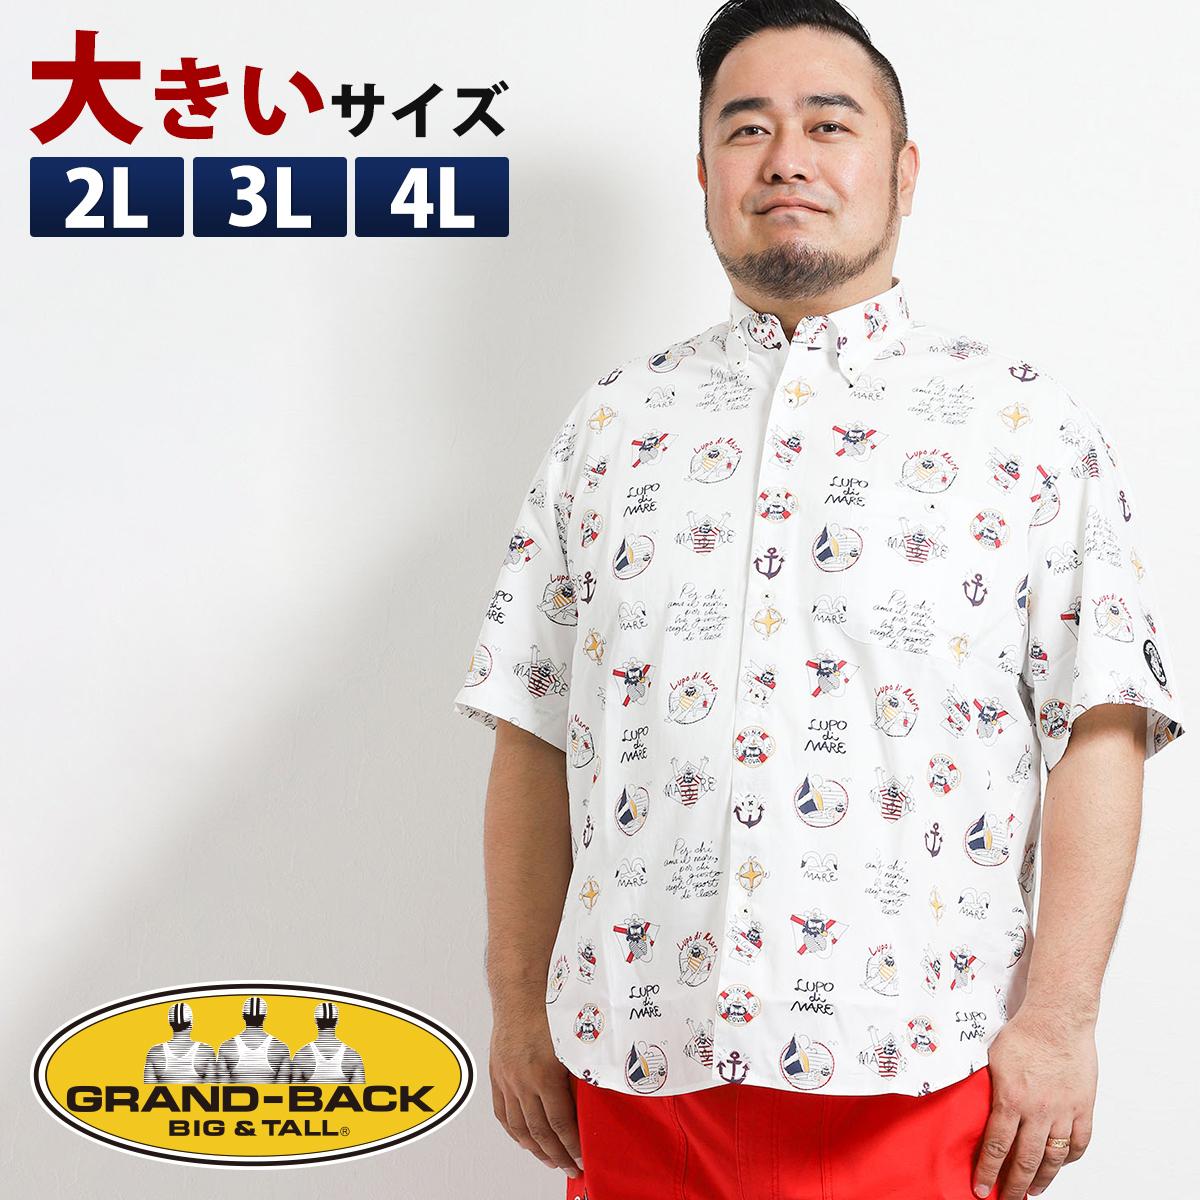 【大きいサイズ・メンズ】シナコバ/SINA COVA ブロード総柄プリントボタンダウン半袖シャツ グランバック 大きいサイズ